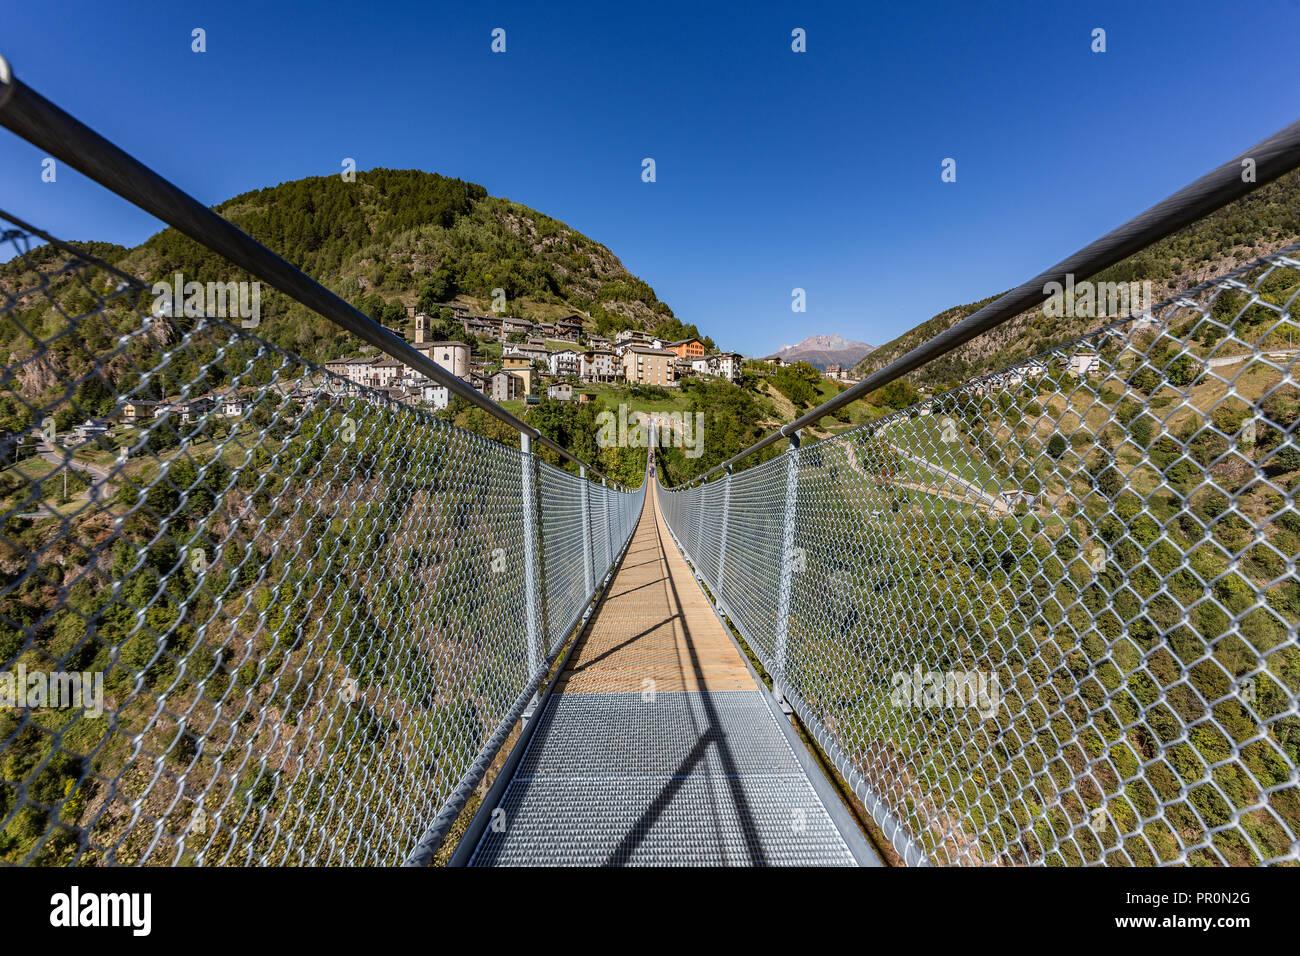 """Puente tibetano """"Puente en el cielo"""", la más alta de Europa. Foto de stock"""